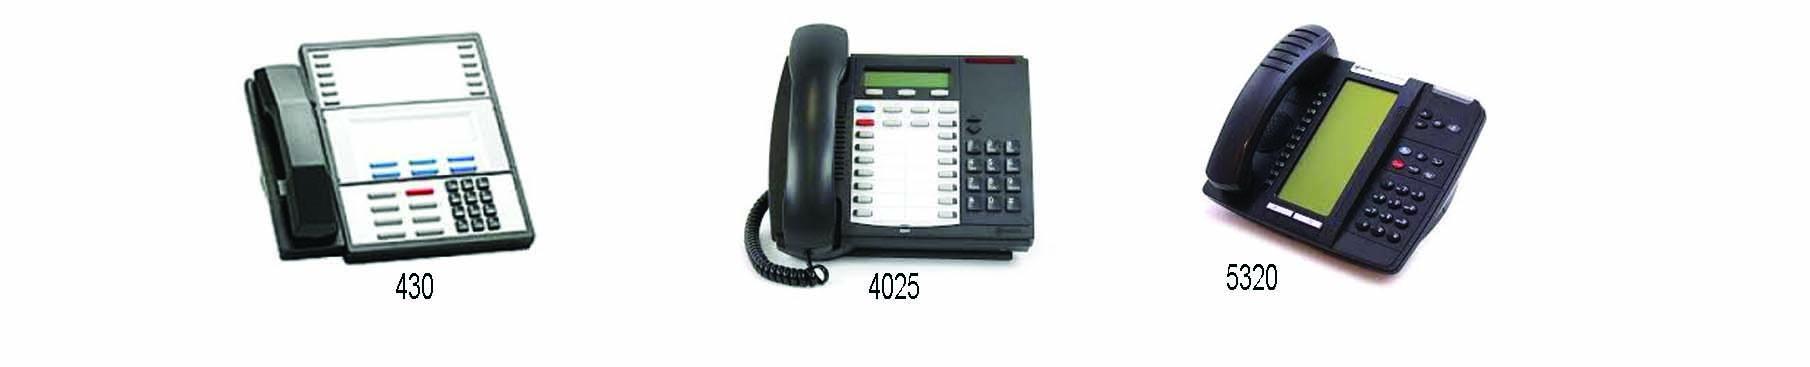 Mitel phone guide